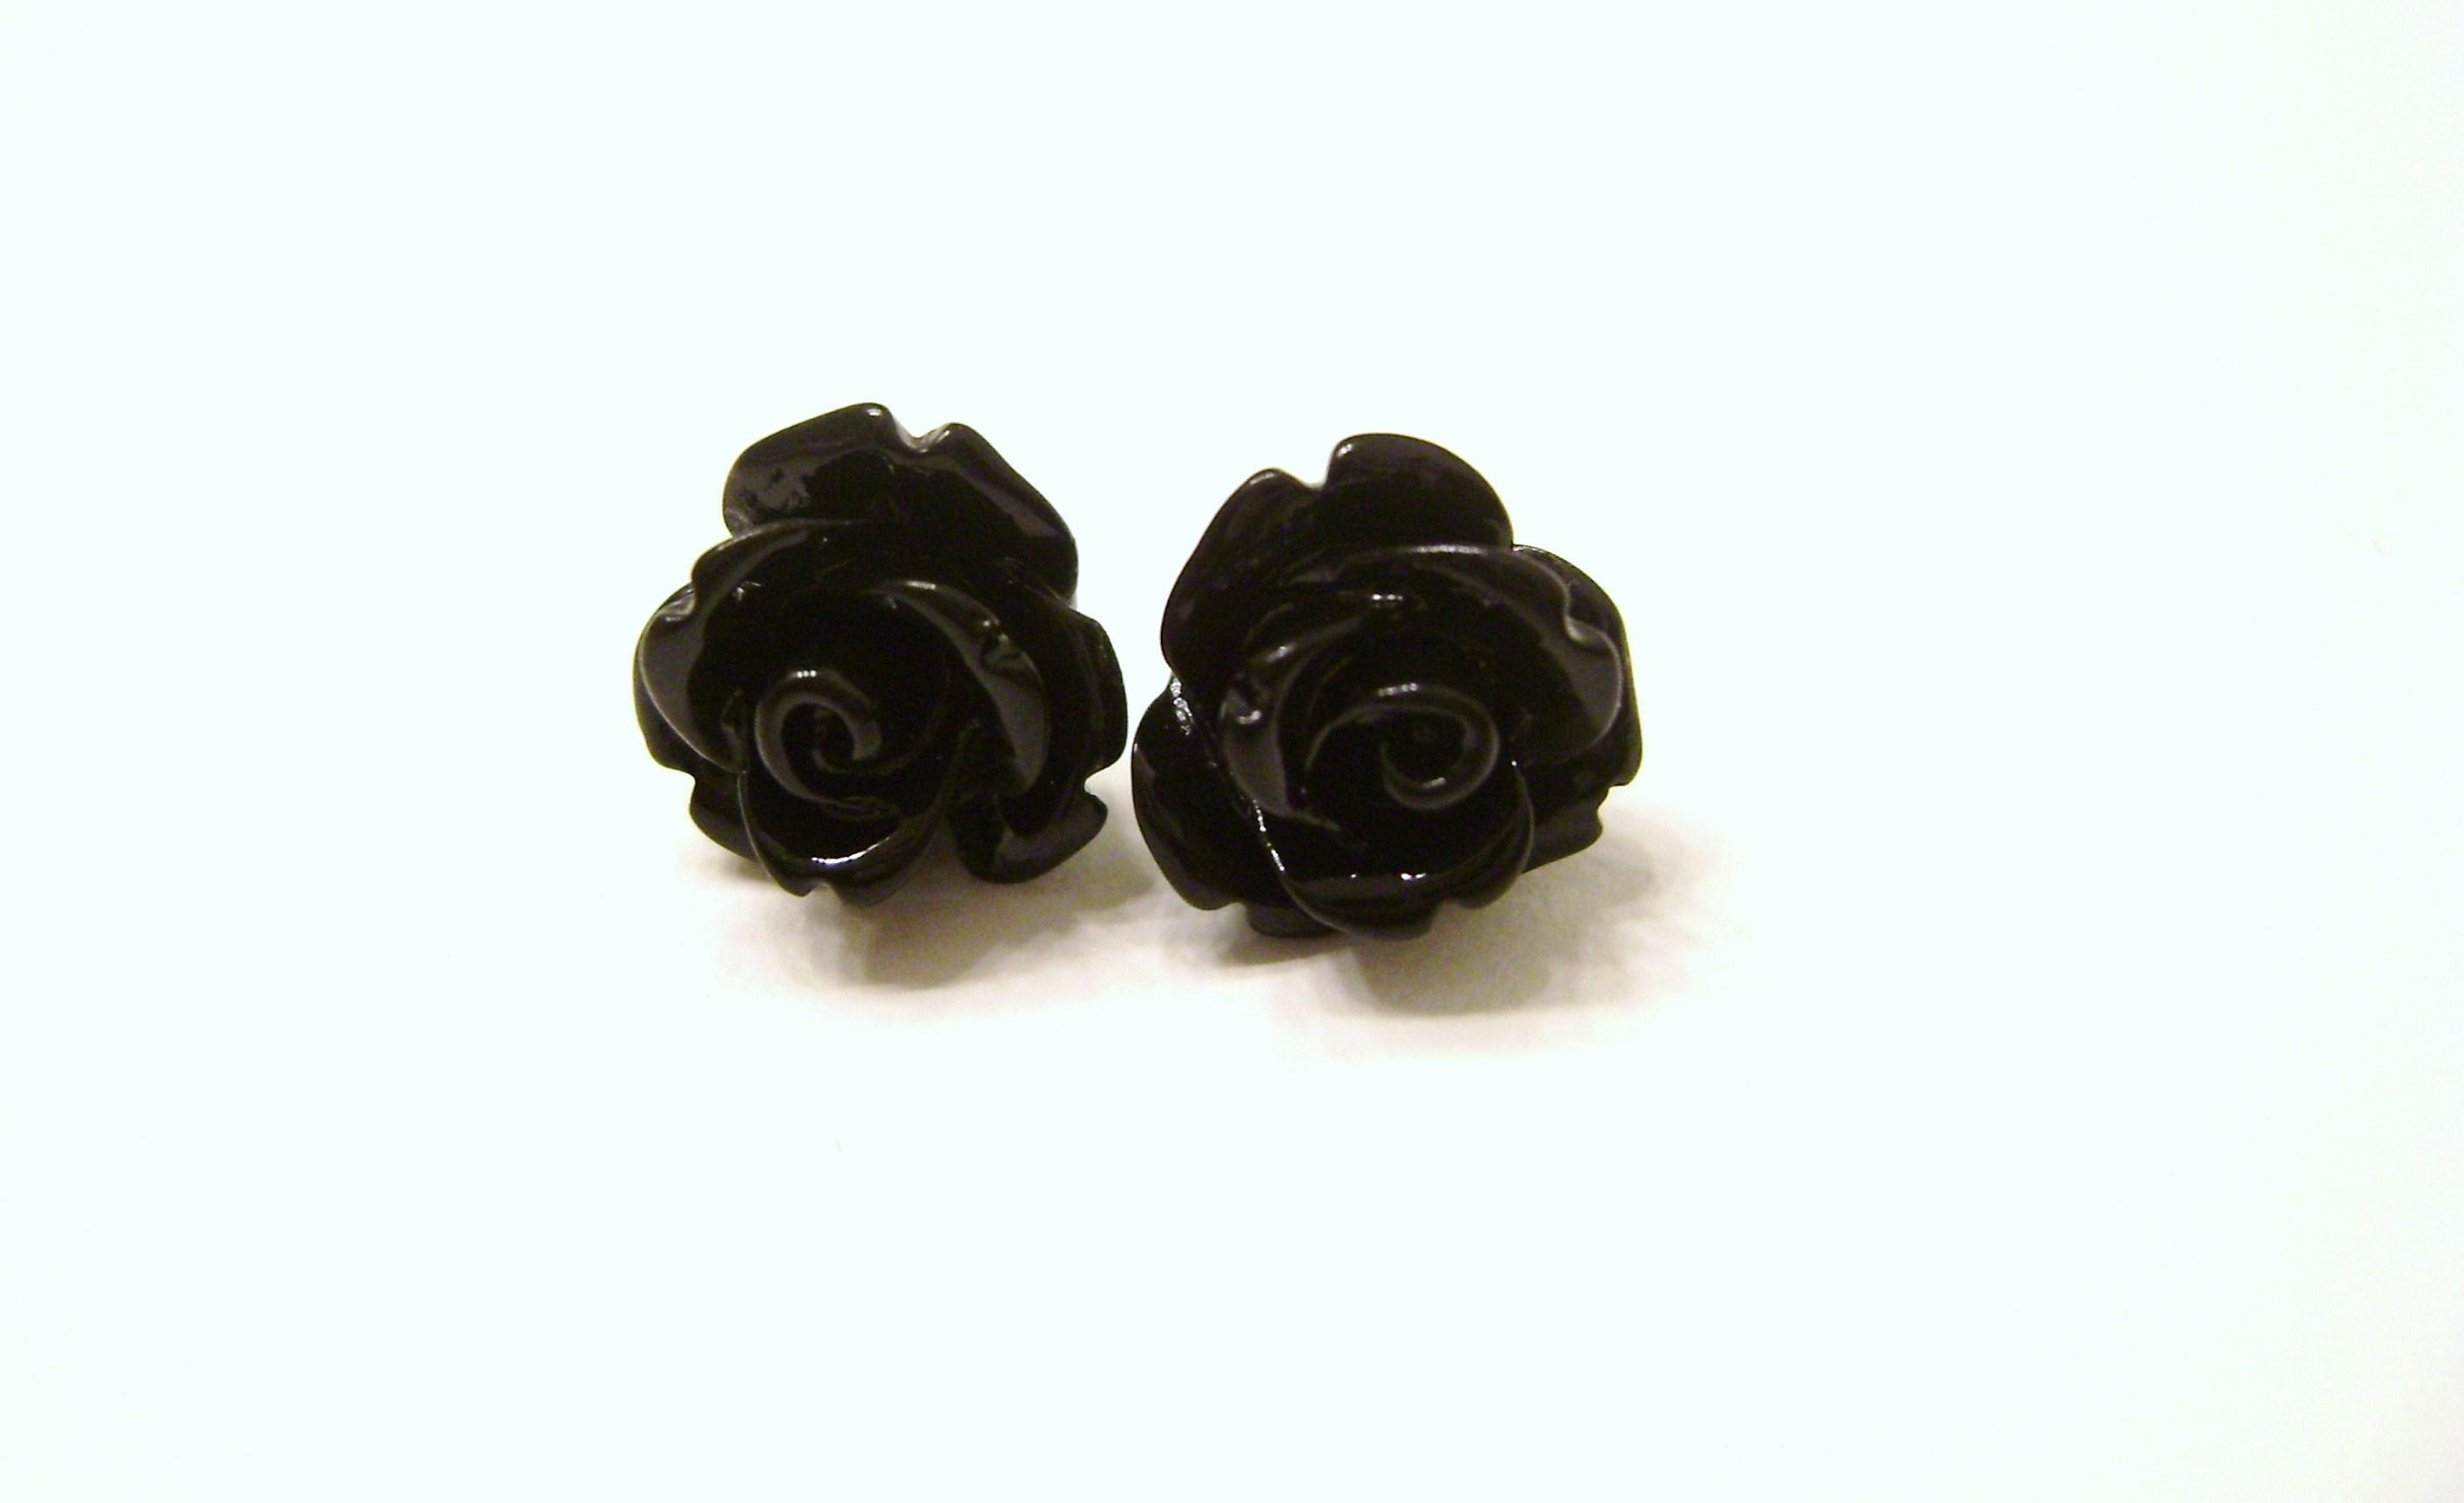 Black rose flower stud earrings bridesmaid earrings 10mm lead free dsc06903 original izmirmasajfo